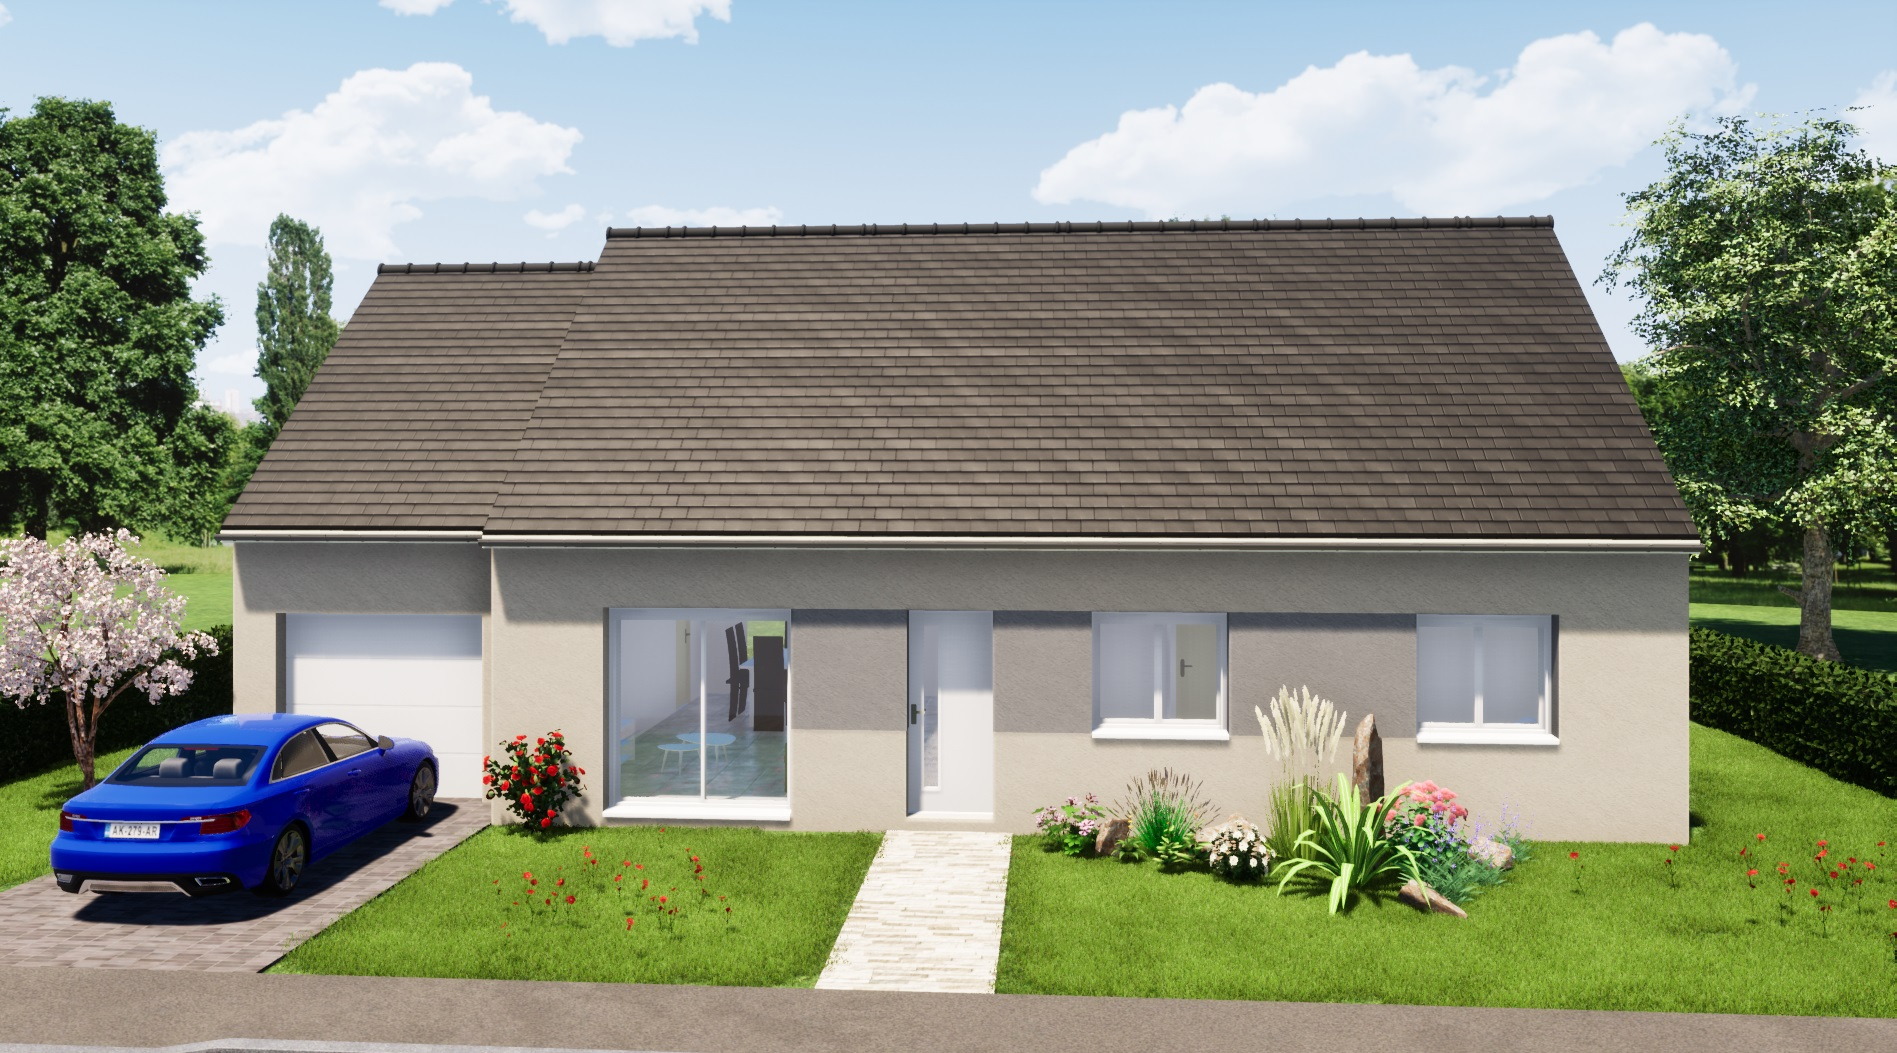 maison R+1 3 chambres maison moderne maison contemporaine constructeur maisons lg en Sarthe Le Mans maison RE 2020 plans maison rez-de-chaussée arrière